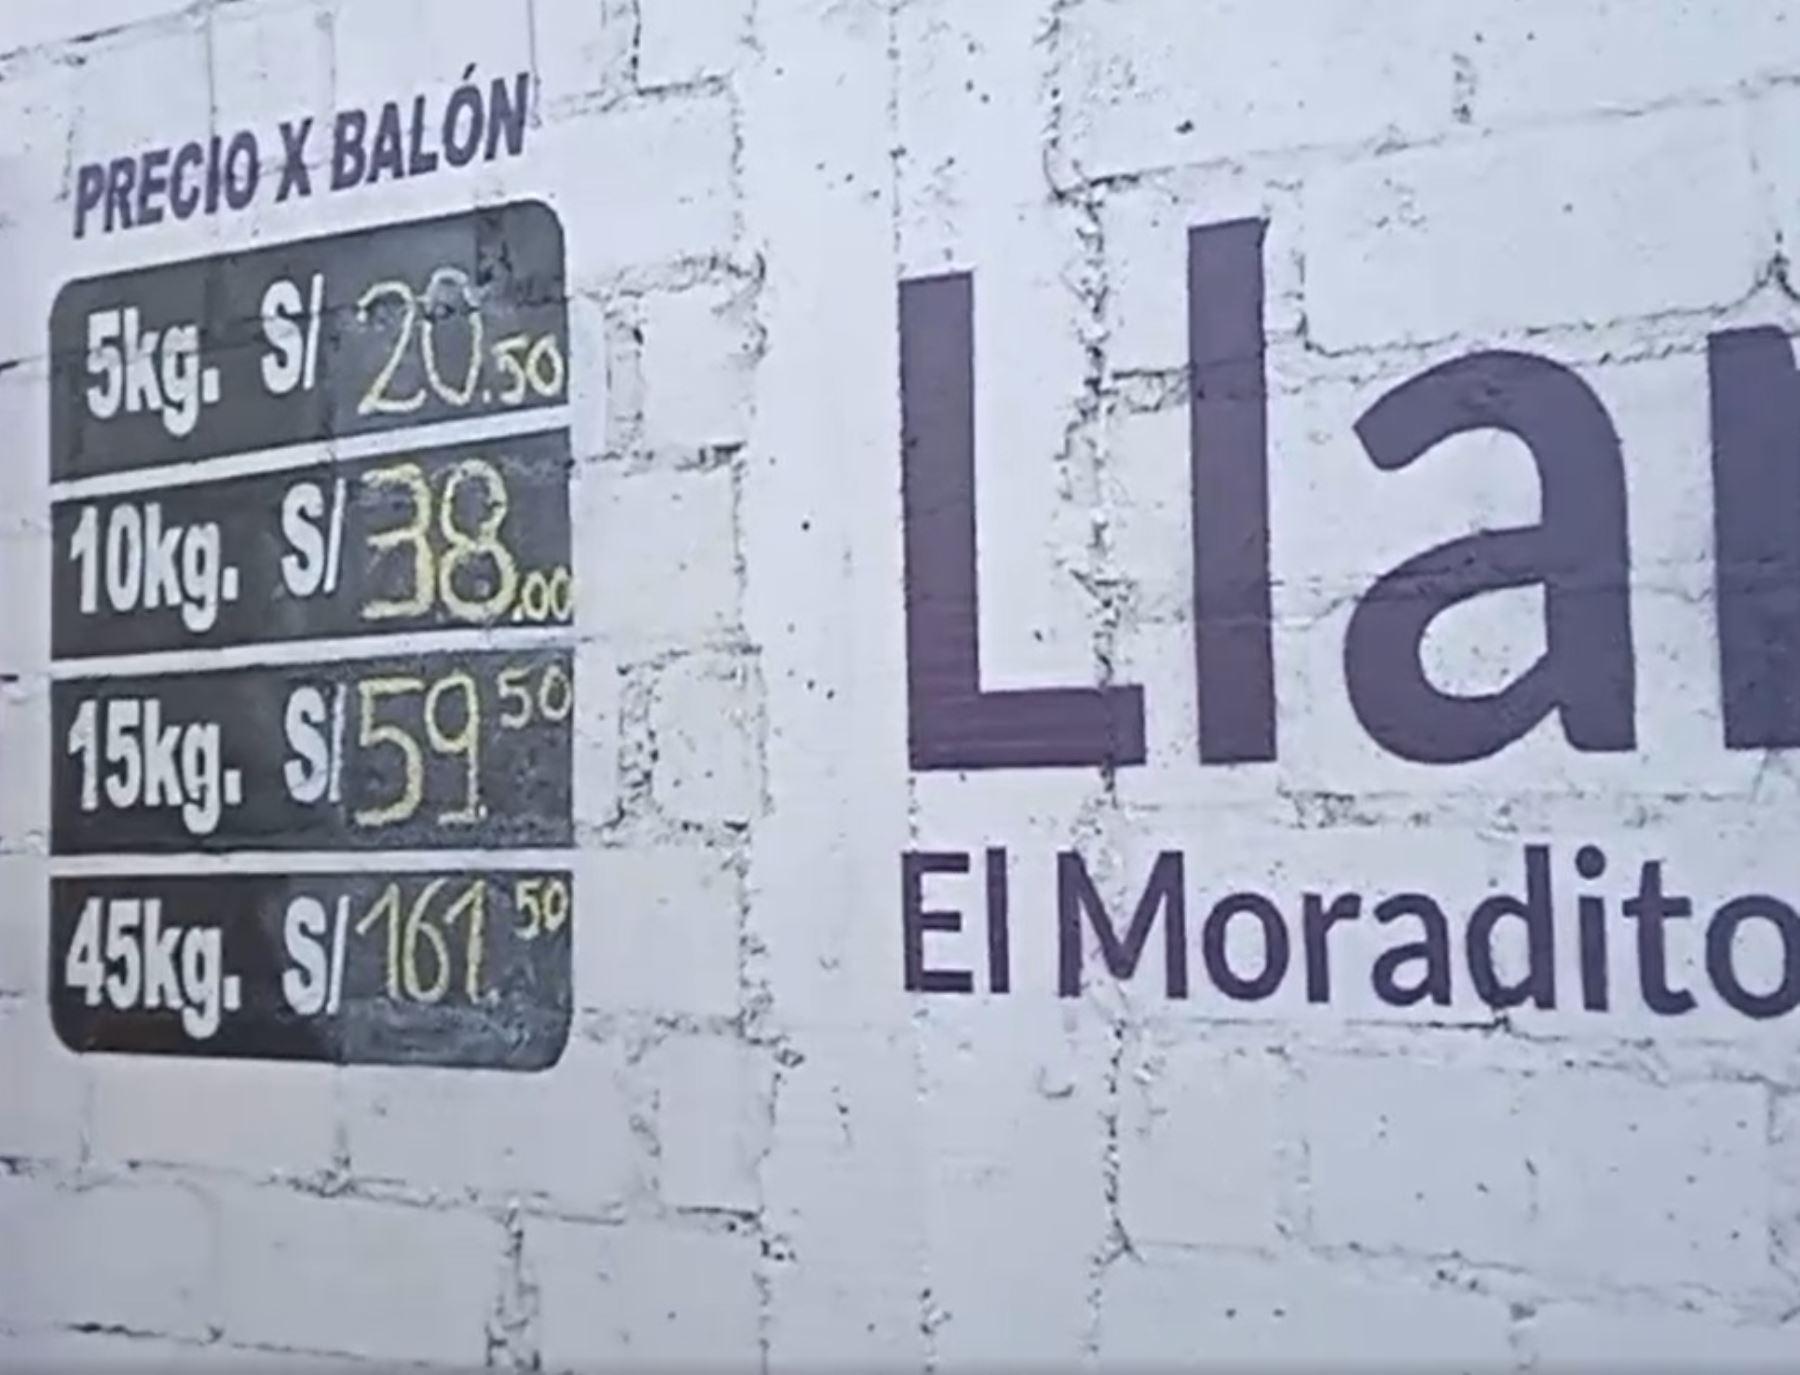 Buena noticia en Arequipa, el precio del balón de gas doméstico de 10 kg se vende ahora a S/ 38, diez soles menos que hace unos días.